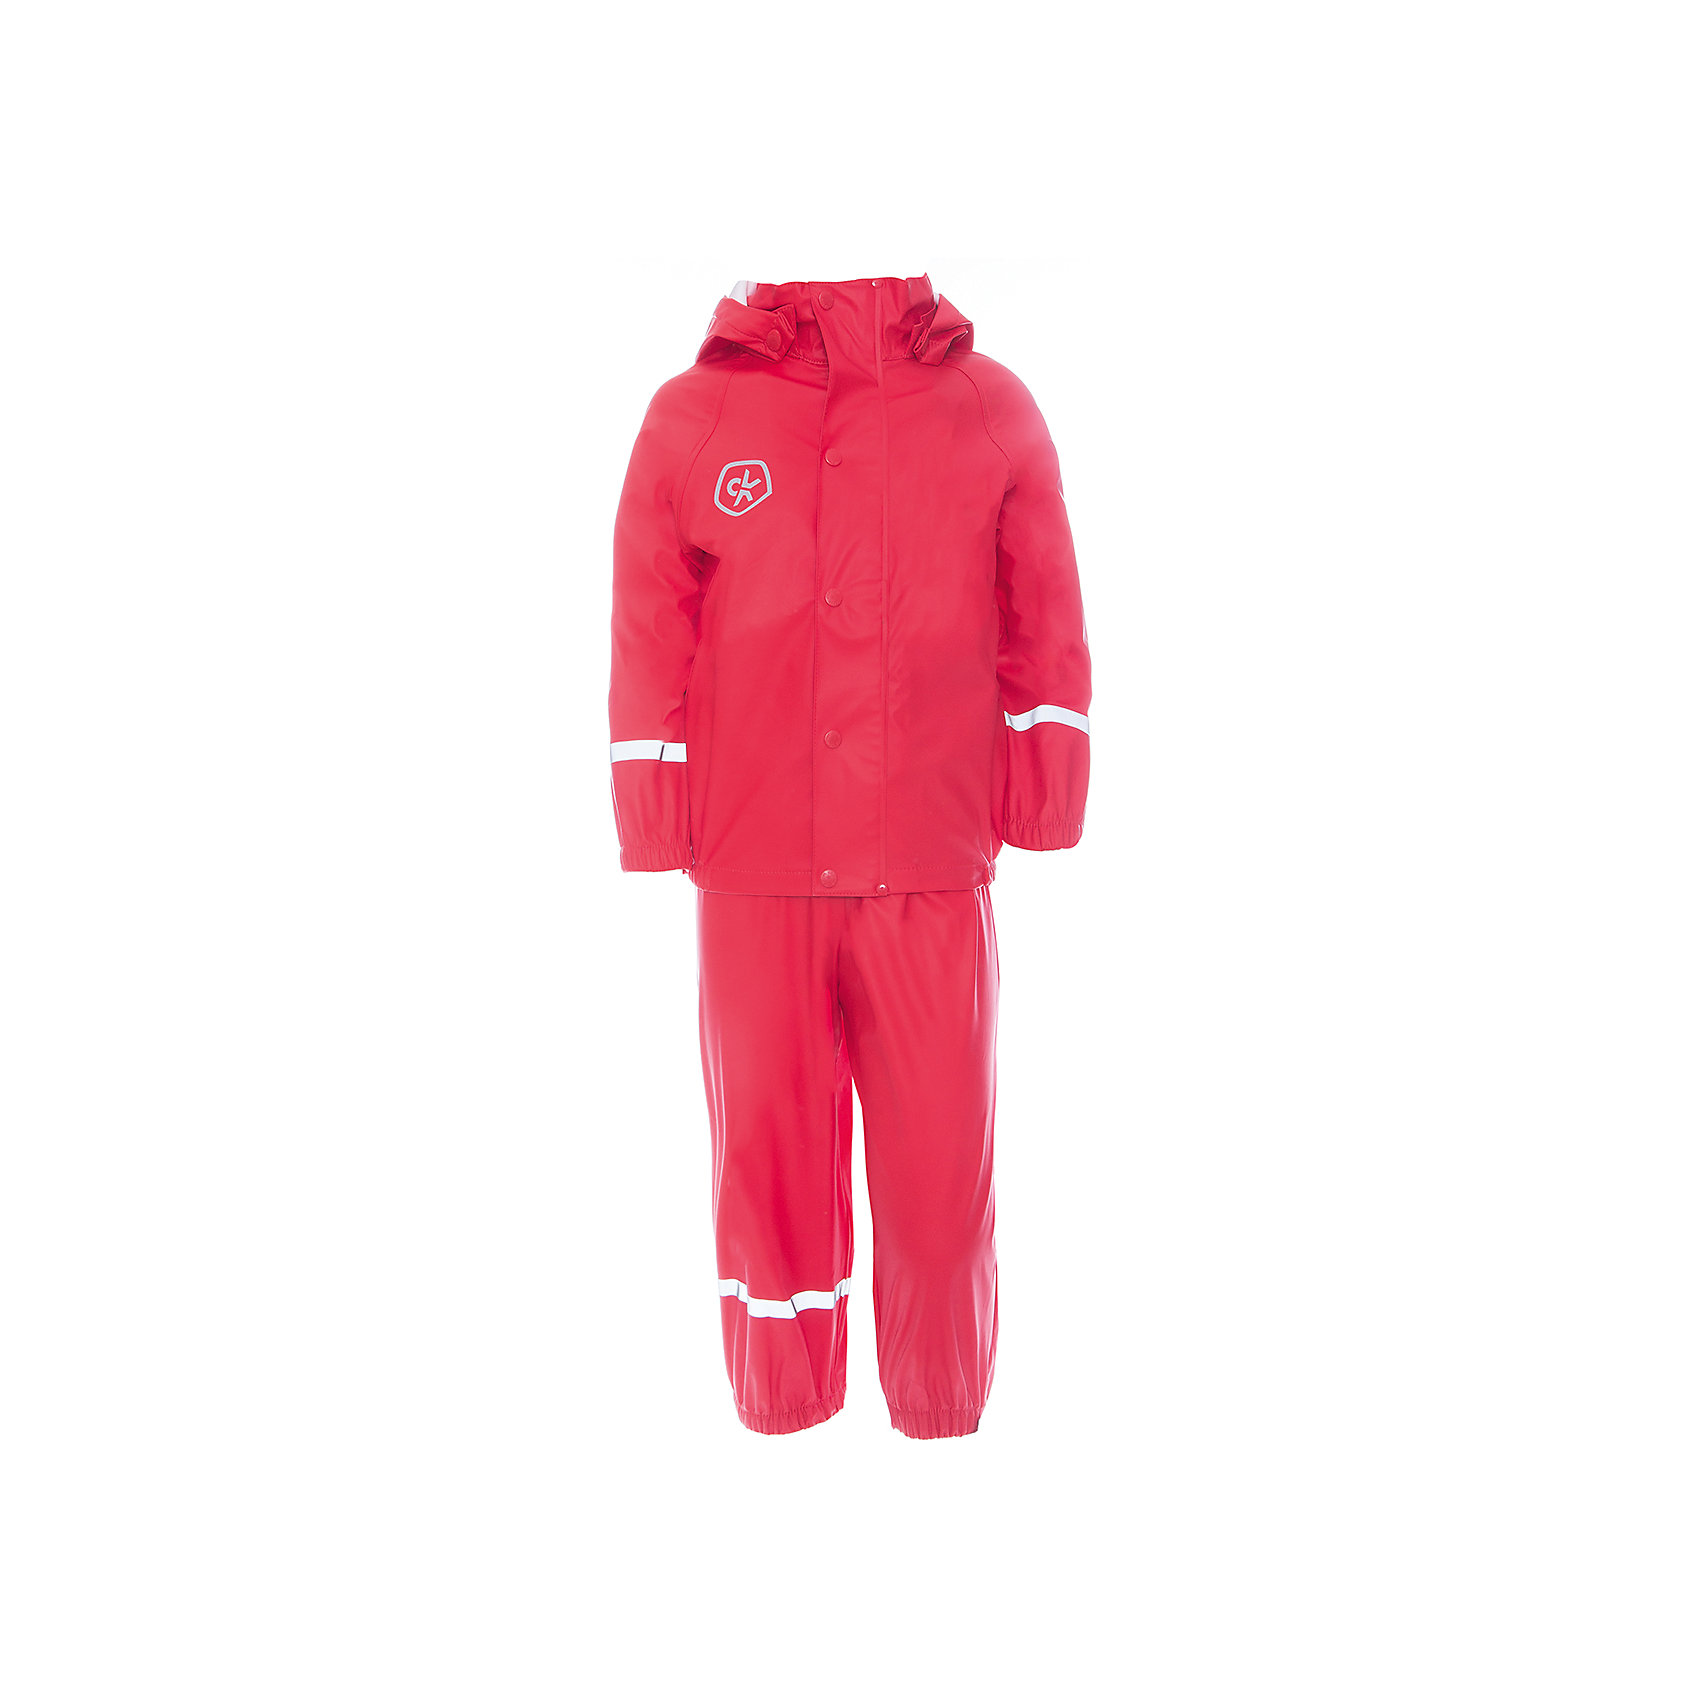 Непромокаемый комплект для девочки Color KidsВерхняя одежда<br>Характеристики товара:<br><br>• цвет: красный<br>• состав: 100% полиэстер<br>• регулируемые подтяжки<br>• без утеплителя<br>• капюшон<br>• швы проклеены<br>• водонепроницаемый <br>• ветрозащитный<br>• светоотражающие детали<br>• эластичные манжеты<br>• штрипки<br>• сезон: демисезон<br>• температурный режим: +10 до +20<br>• страна производства: Китай<br>• страна бренда: Дания<br><br>Такой удобный комплект сделан из непромокаемого легкого материала, поэтому отлично подойдет для дождливой погоды в межсезонье.<br><br>Он комфортно сидит и обеспечивает ребенку необходимое удобство и тепло. Очень стильно смотрится. Отличный вариант качественной одежды от проверенного производителя!<br><br>Подарите своем у ребенку модную и комфортную одежду от известного бренда!<br><br>Комплект для девочки от датского бренда Color Kids (Колор кидз) можно купить в нашем интернет-магазине.<br><br>Ширина мм: 356<br>Глубина мм: 10<br>Высота мм: 245<br>Вес г: 519<br>Цвет: красный<br>Возраст от месяцев: 60<br>Возраст до месяцев: 72<br>Пол: Женский<br>Возраст: Детский<br>Размер: 116,98,104,110,122,128<br>SKU: 5557306